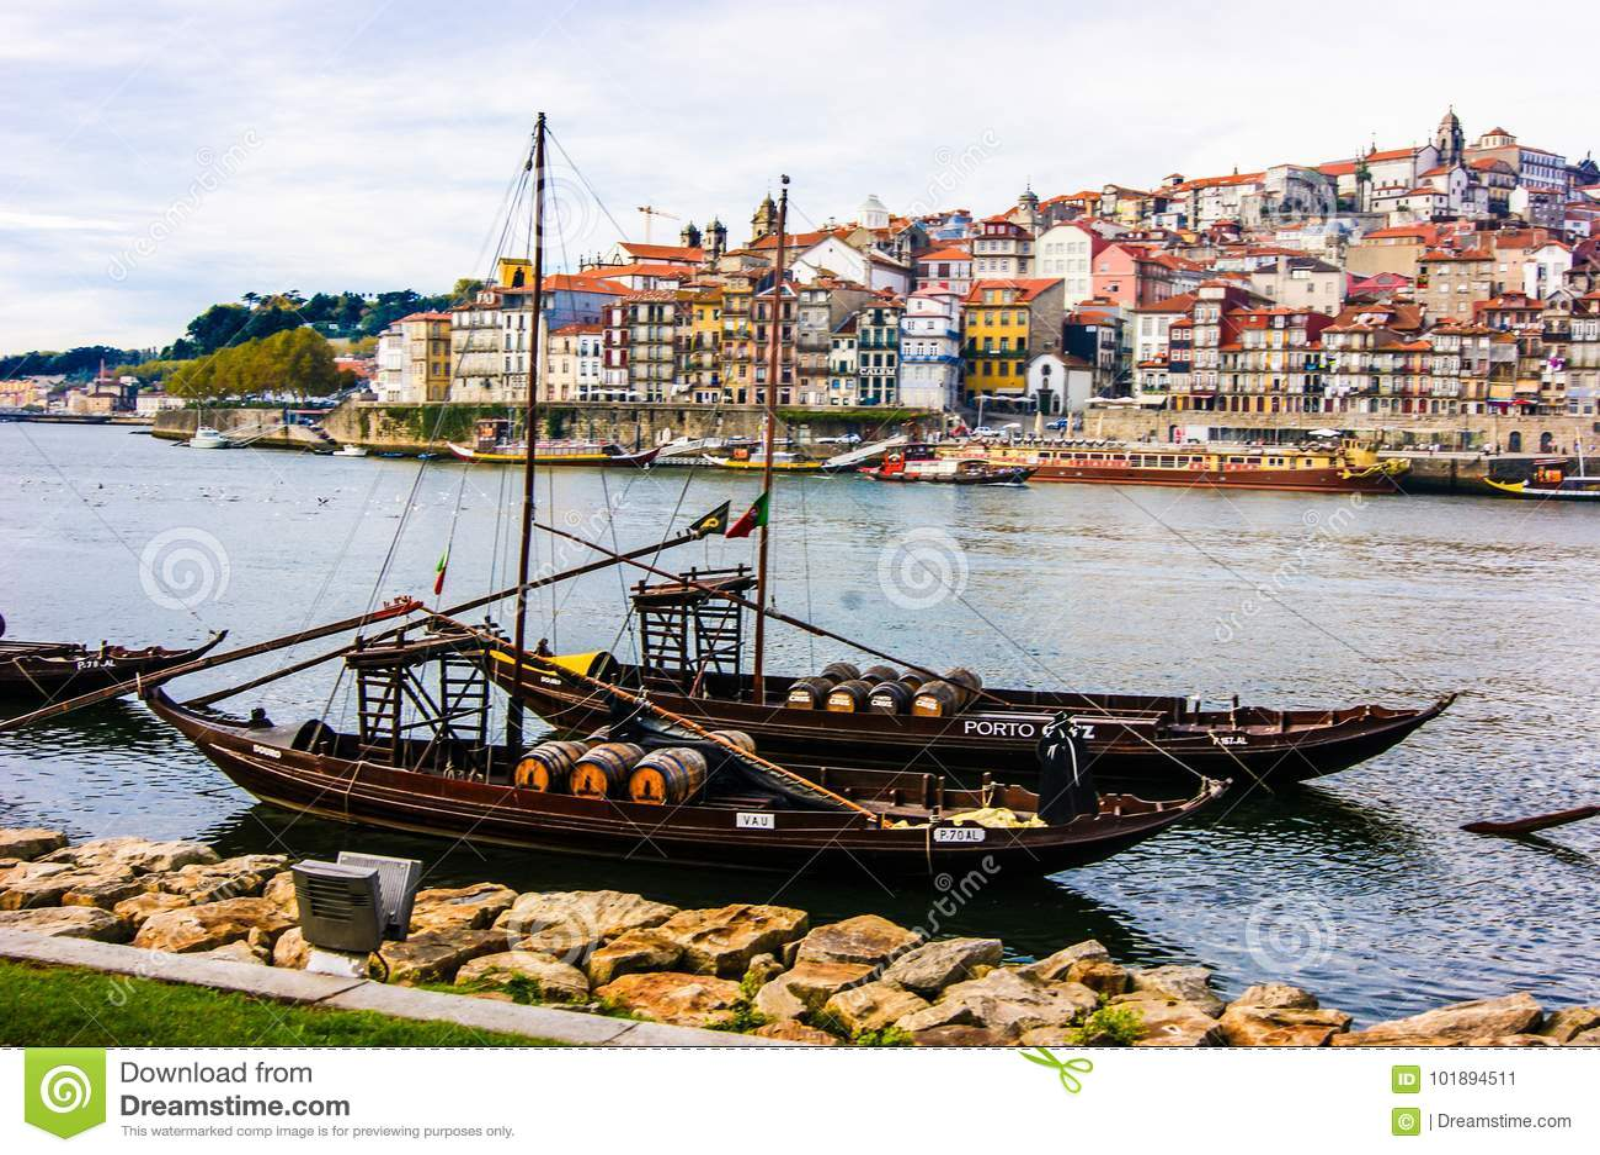 Cidade bonita do Porto Portugal para suas cores e sua fotografia profissional da cultura tomadas pela fotografia venezuelana